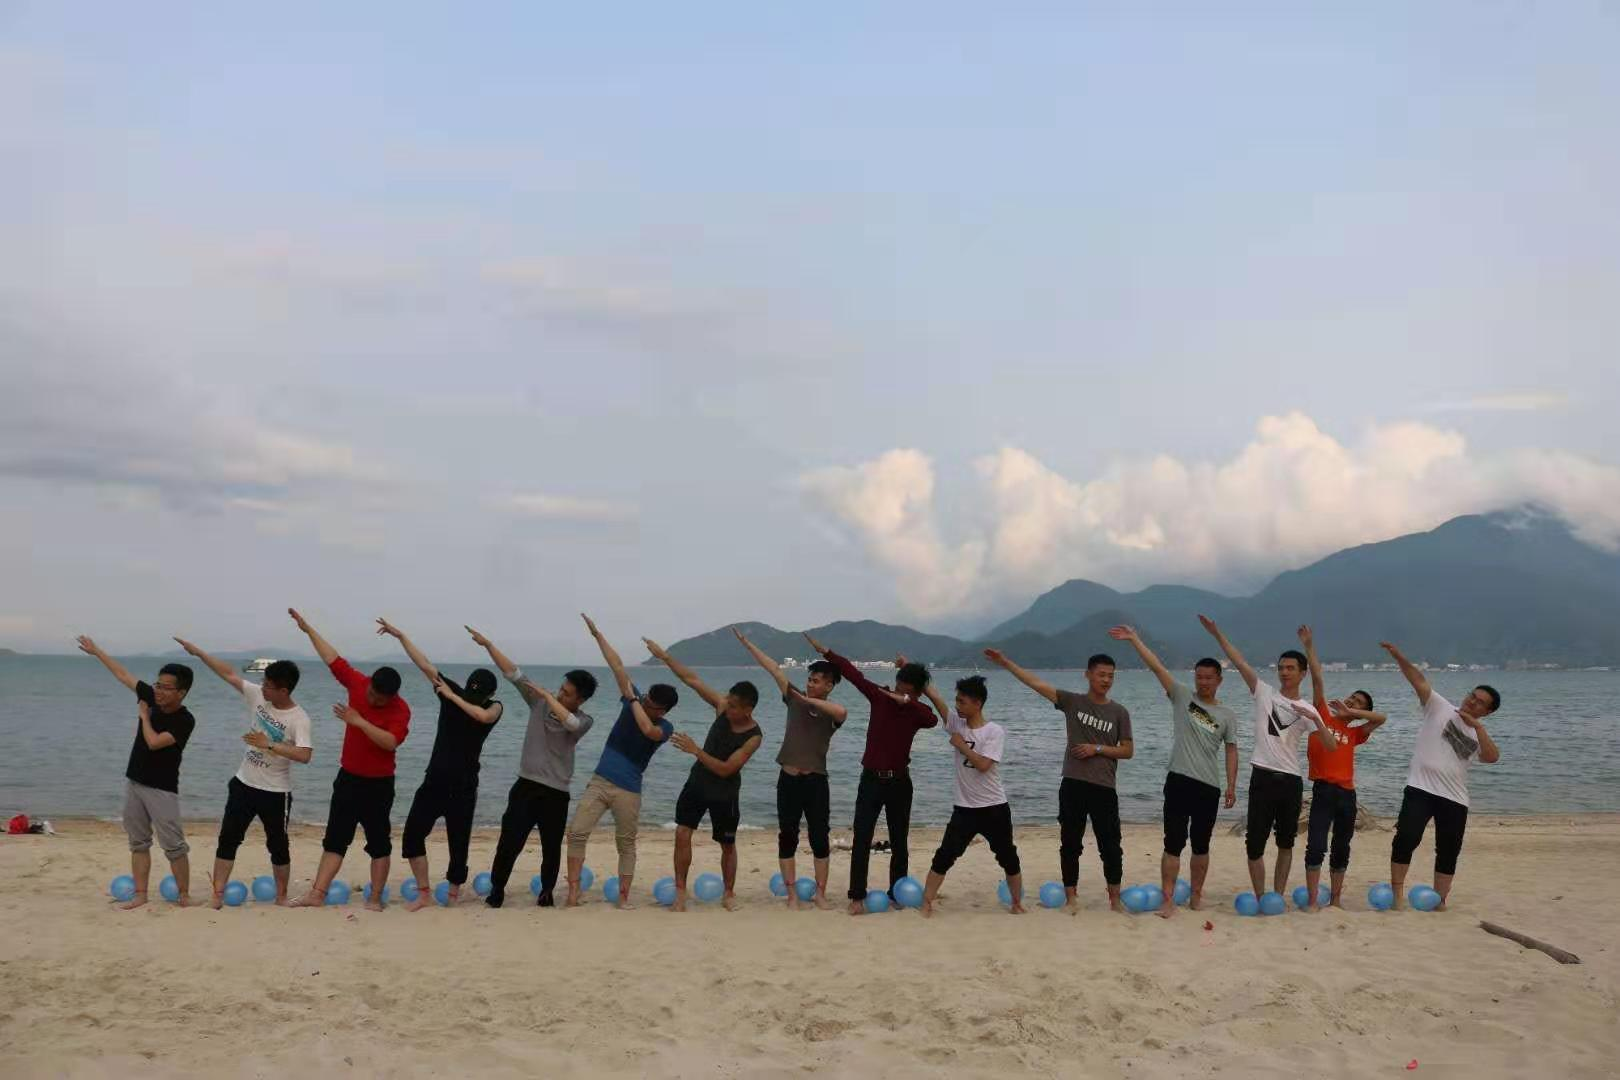 深圳沙滩运动会  大鹏沙滩游戏  公司团建运动会  公司沙滩趣味运动会